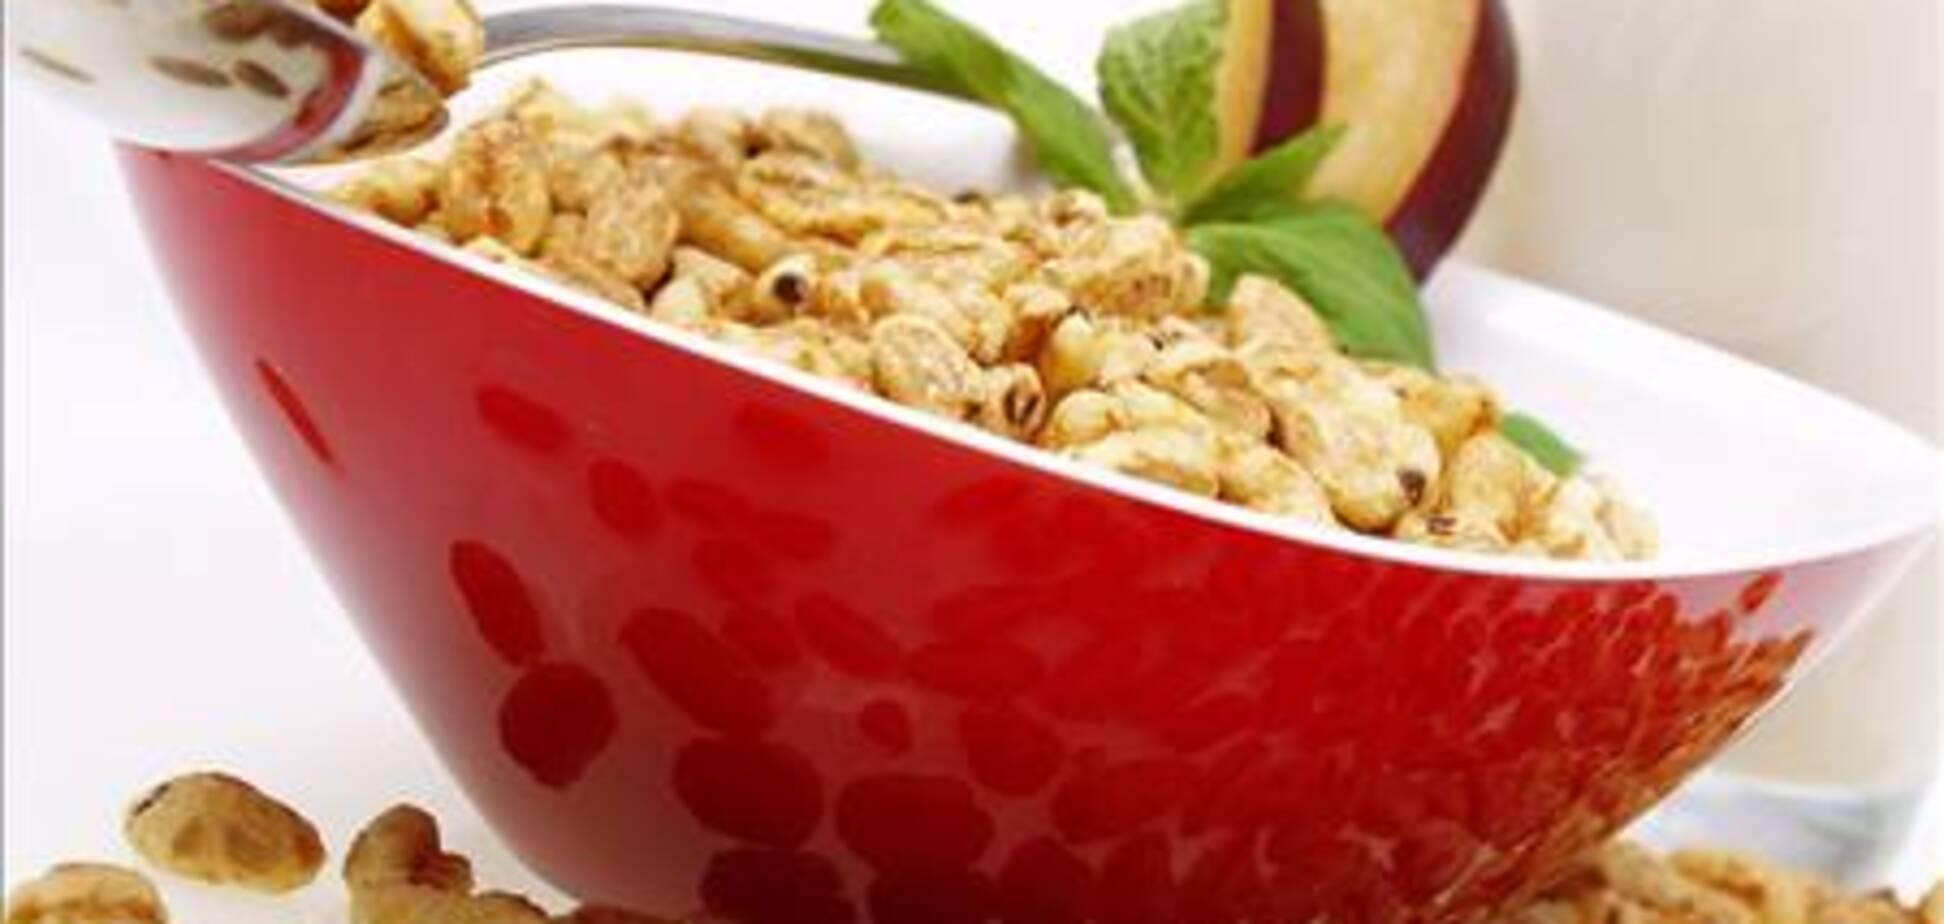 Что приготовить на завтрак быстро, вкусно и полезно